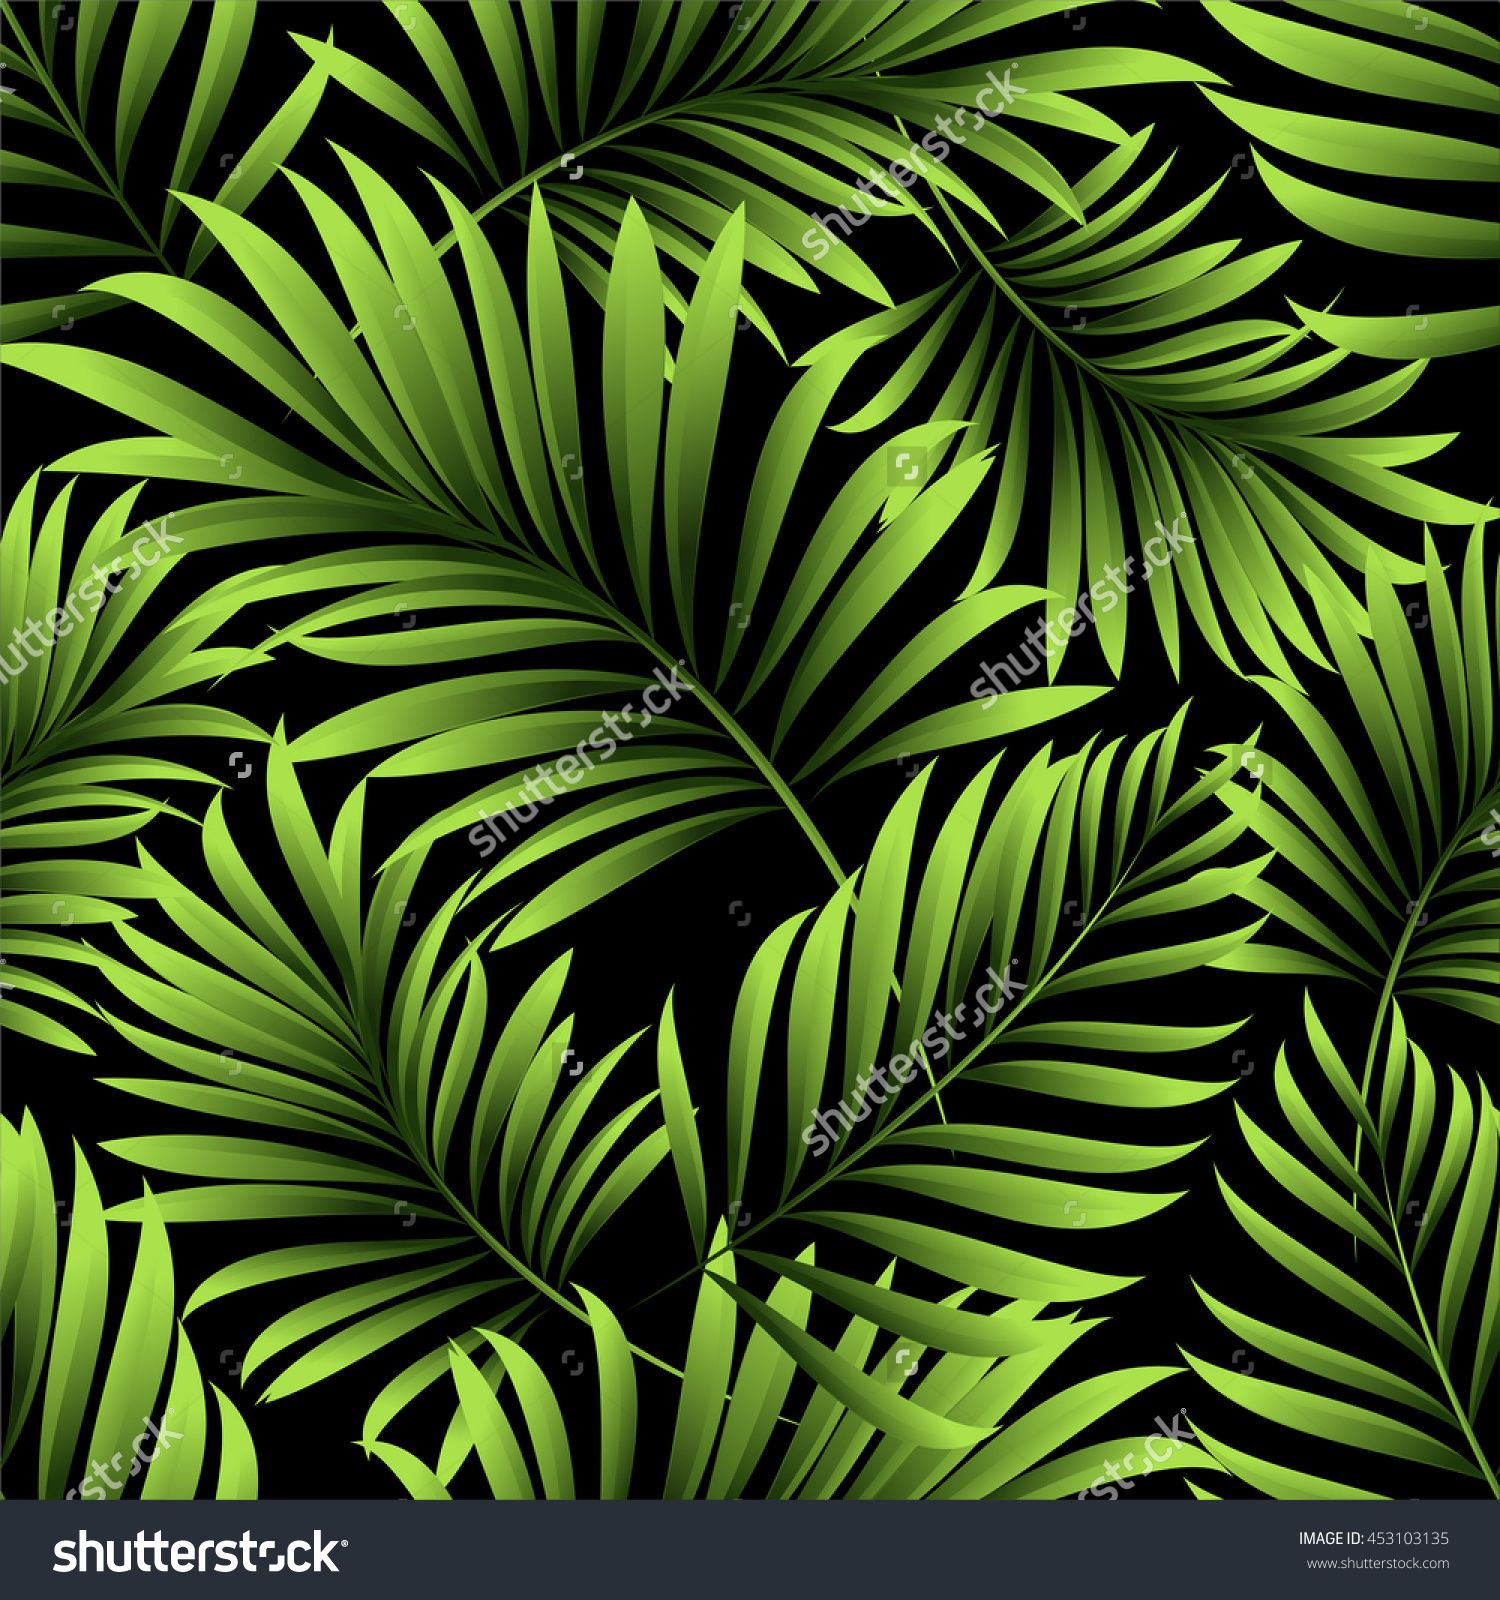 Pin by Magdalena Baez on Nabiyah Inspiration Tropical